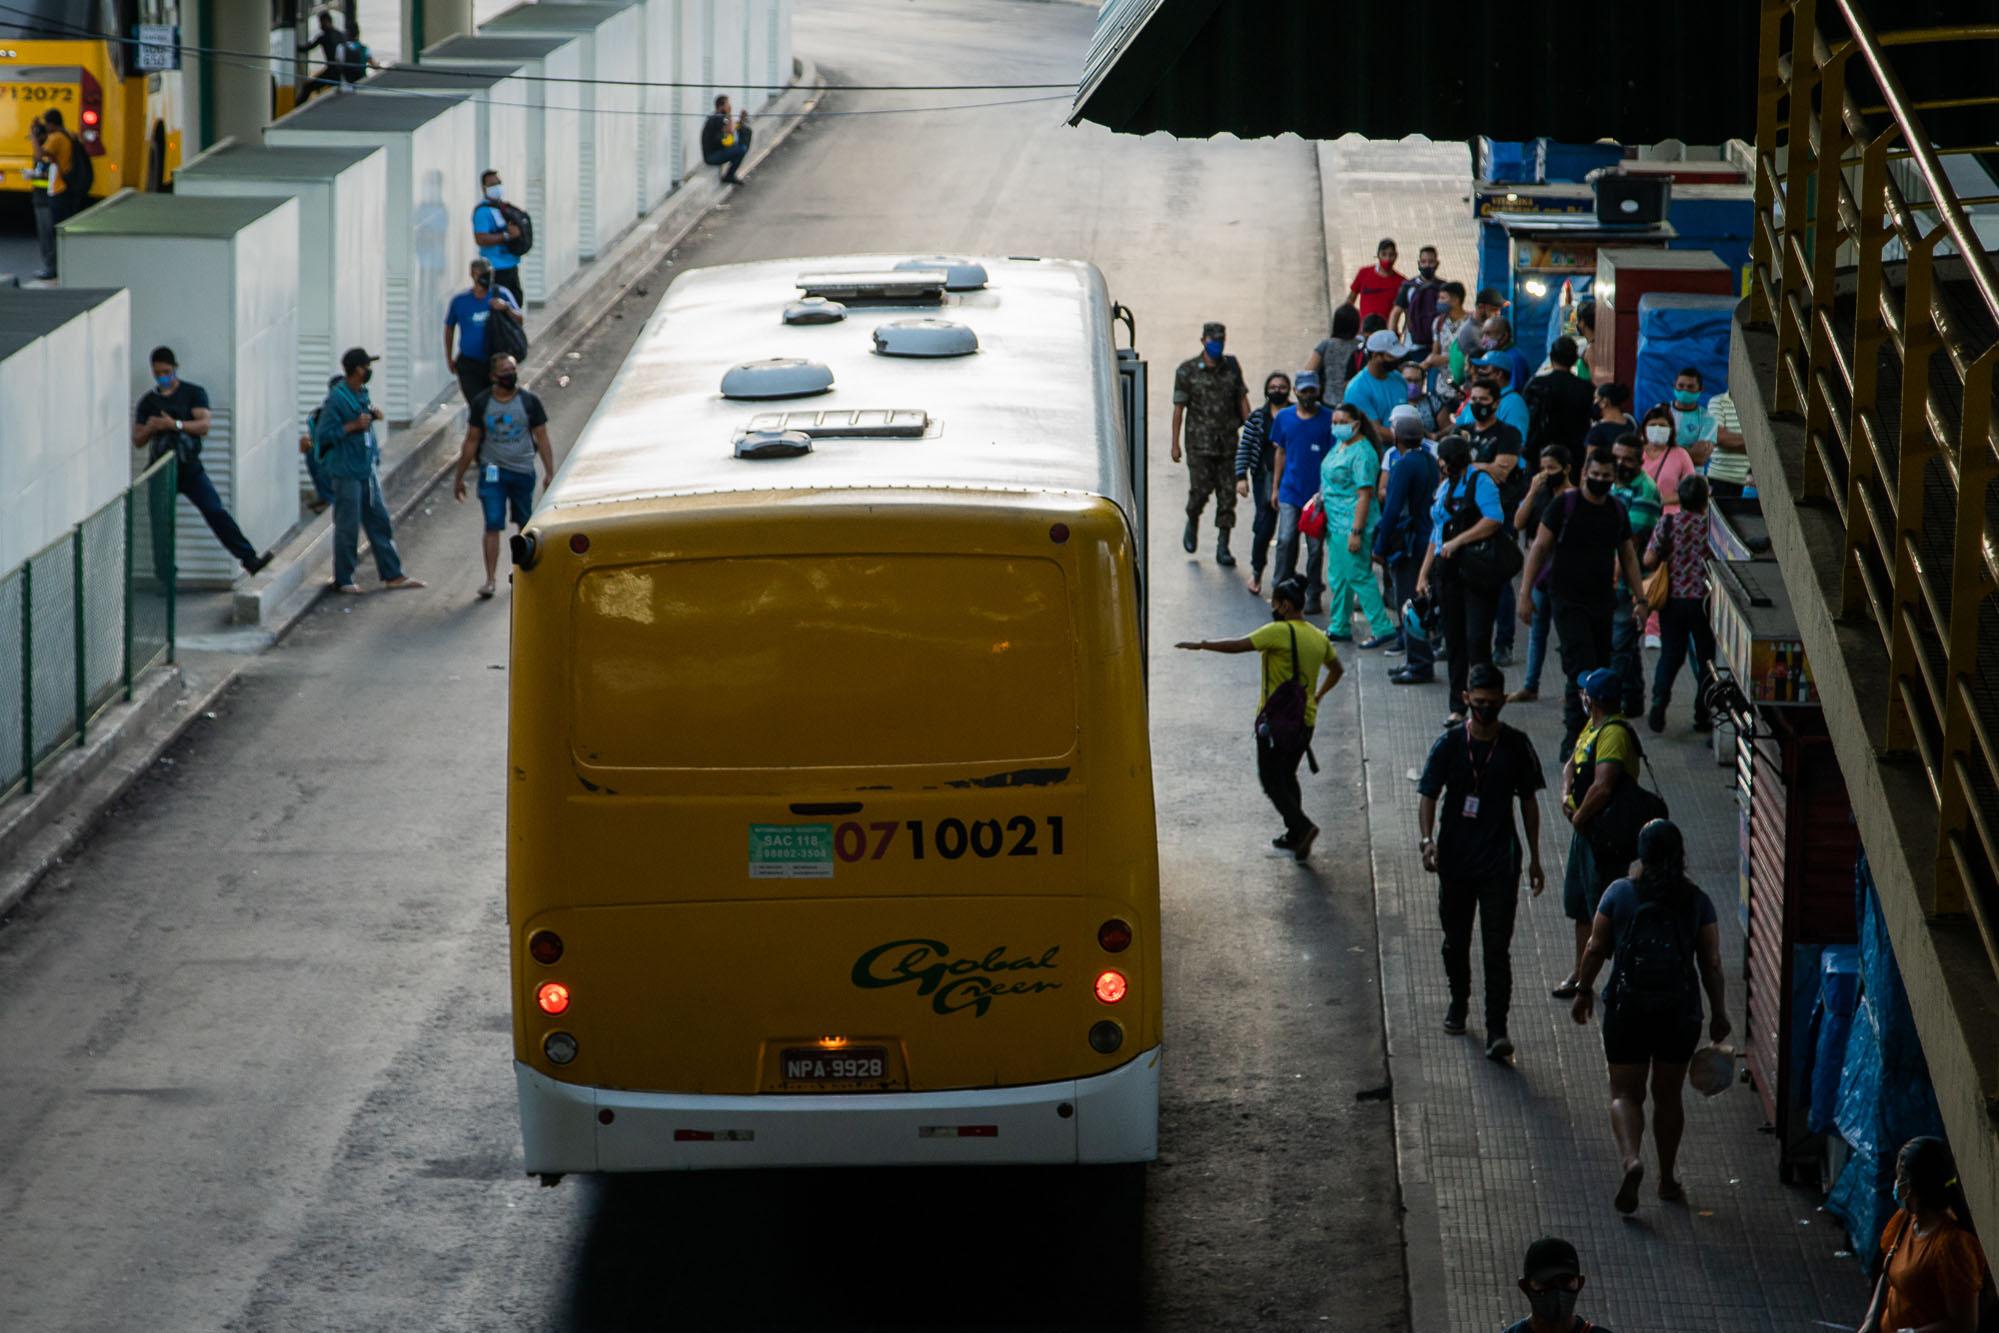 Caos na Pandemia: Manauara descumpre lockdown parcial